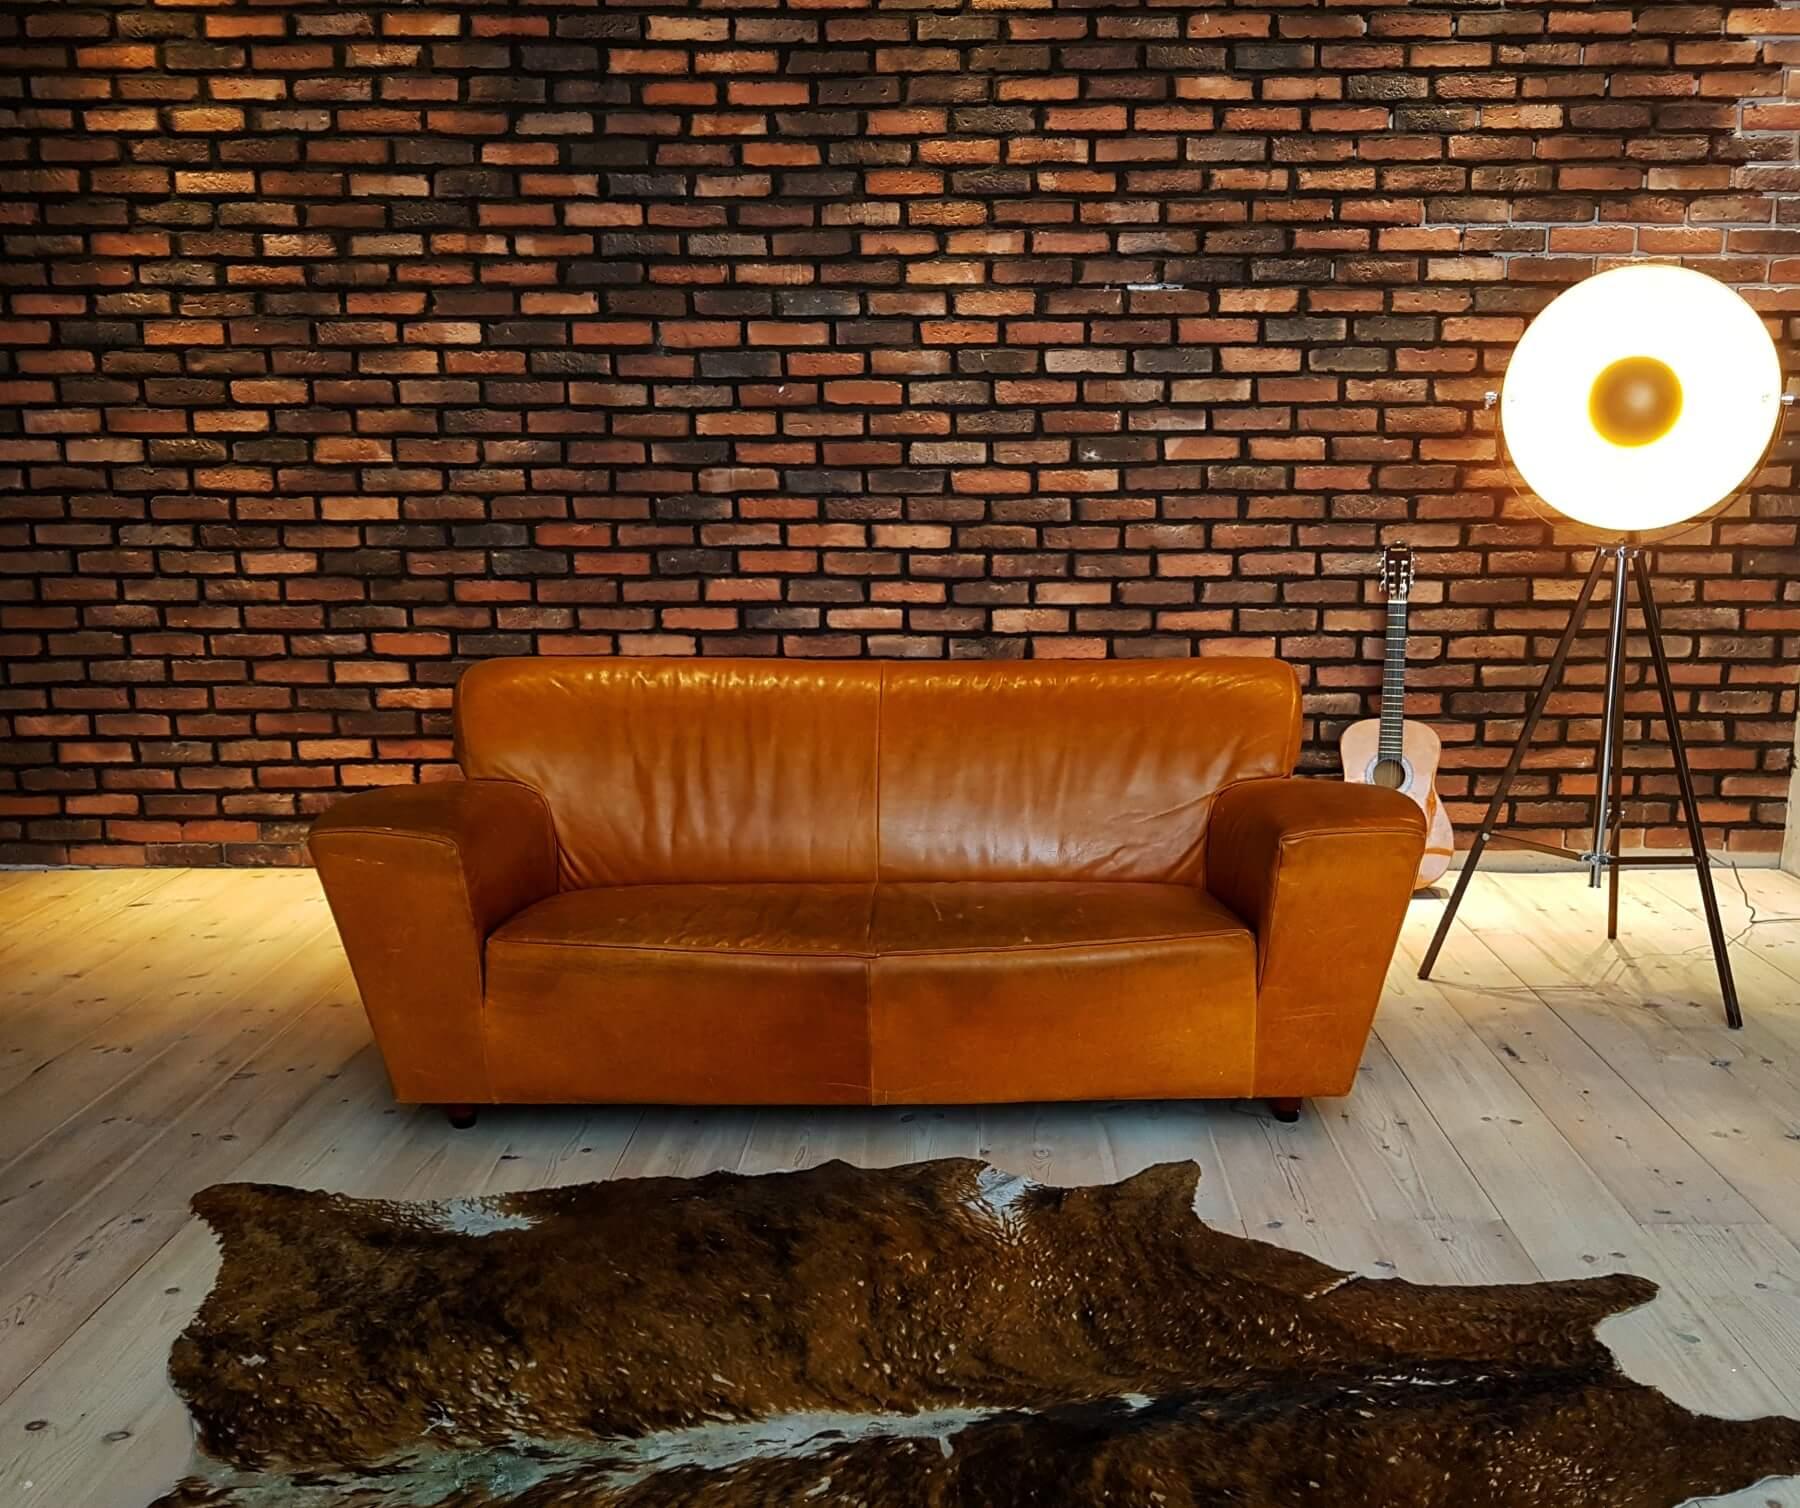 fotostudio mieten in berlin 14 - Fotostudio mieten in Berlin